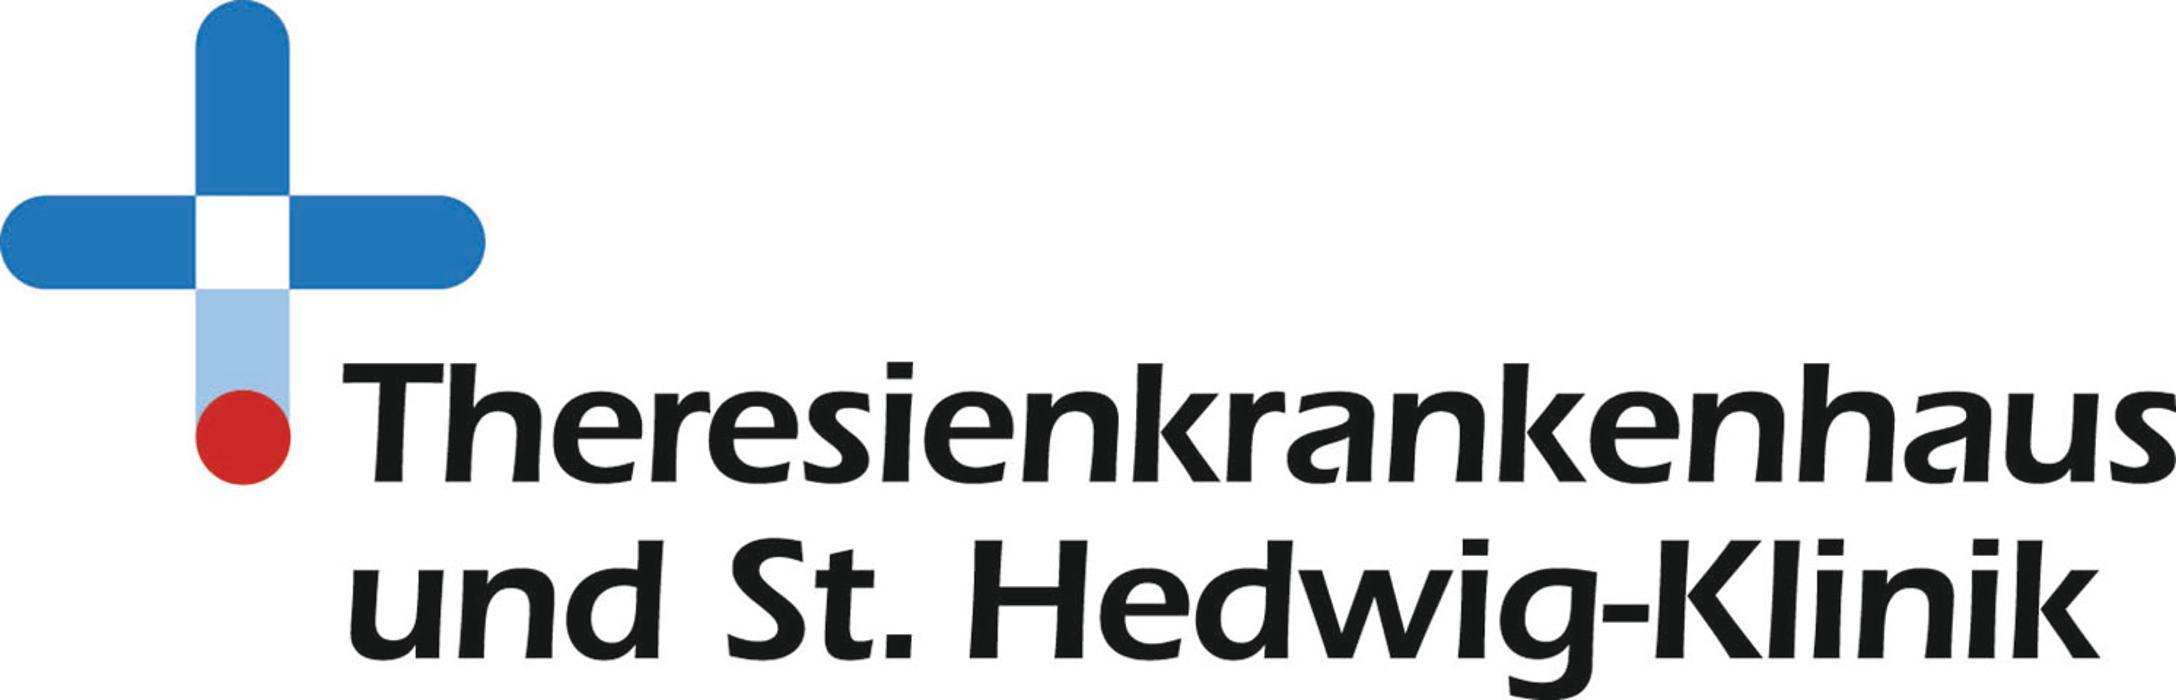 Bild zu Theresienkrankenhaus und St. Hedwig Klinik GmbH in Mannheim